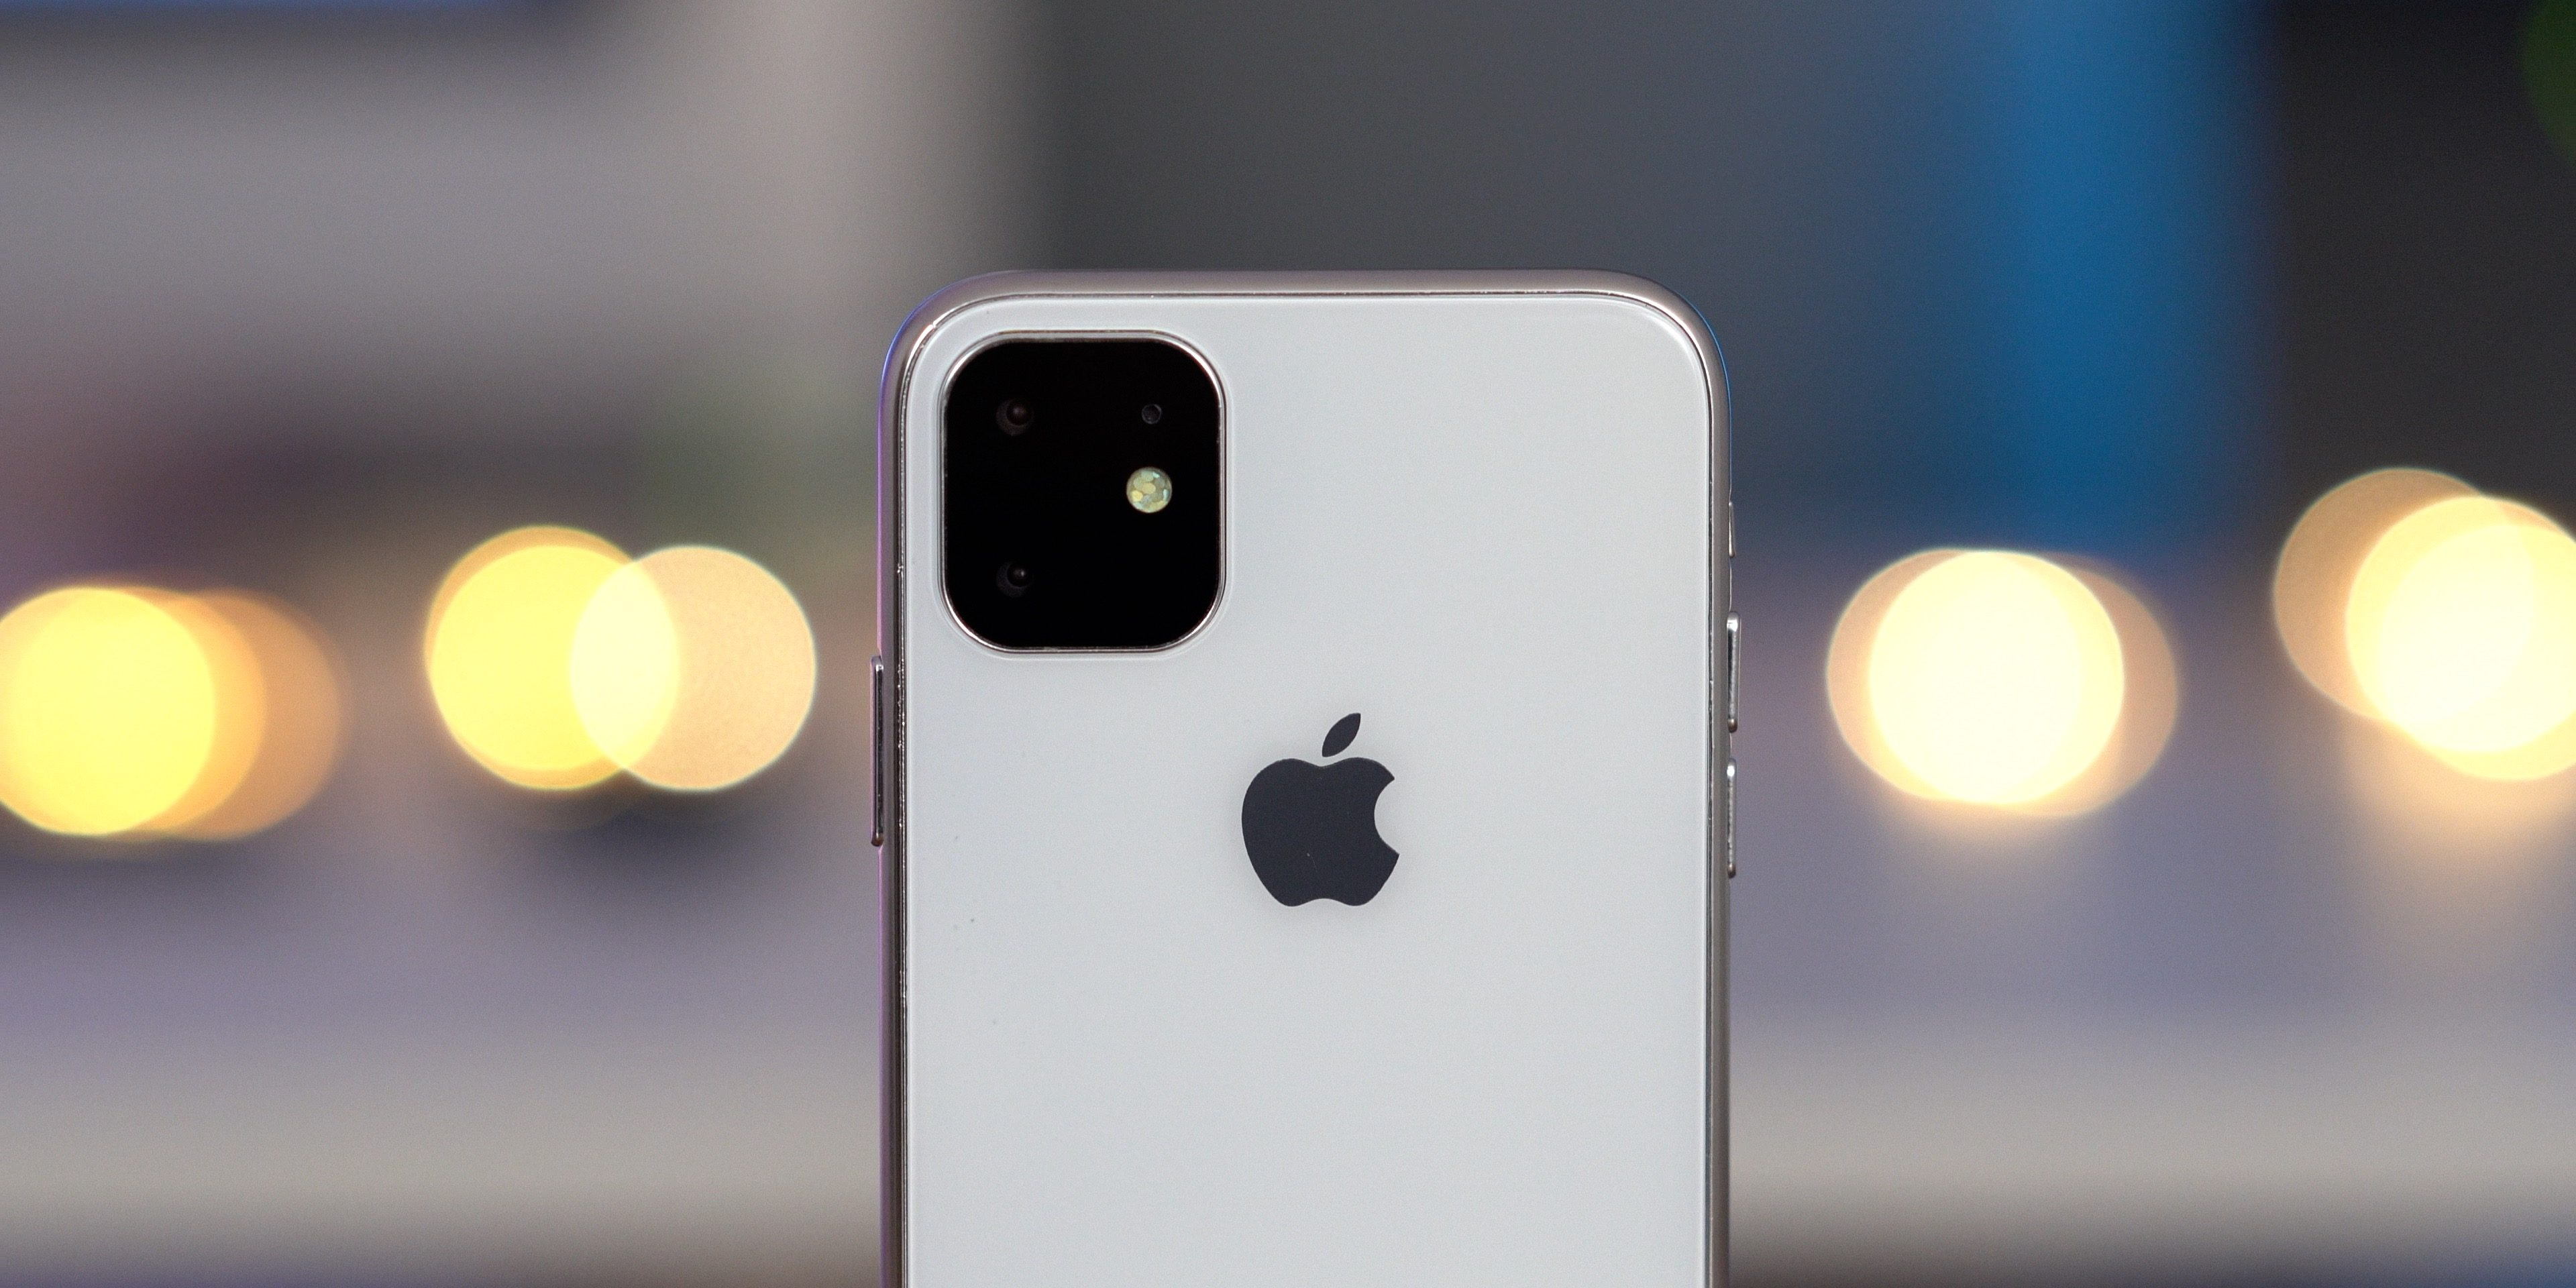 iPhone 12 údajně nabídne zcela nový design, podporu 5G a další